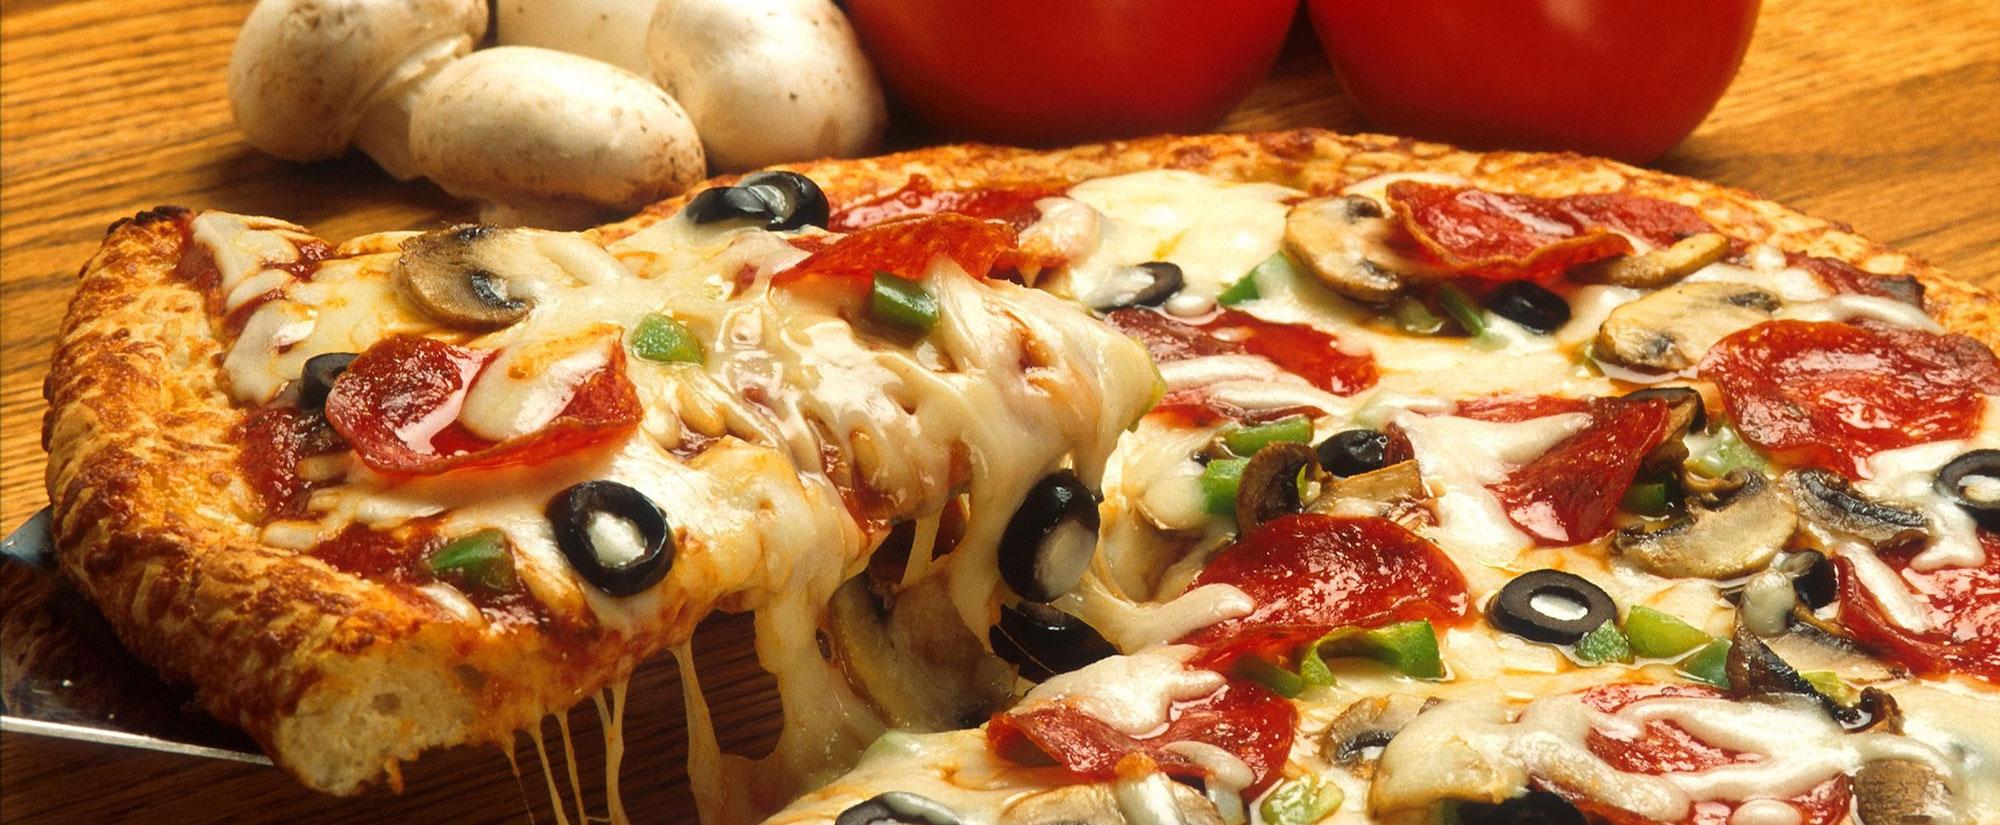 Pizza, Pasta, Salate und mehr - italienische Spezialitäten aus Herne ...